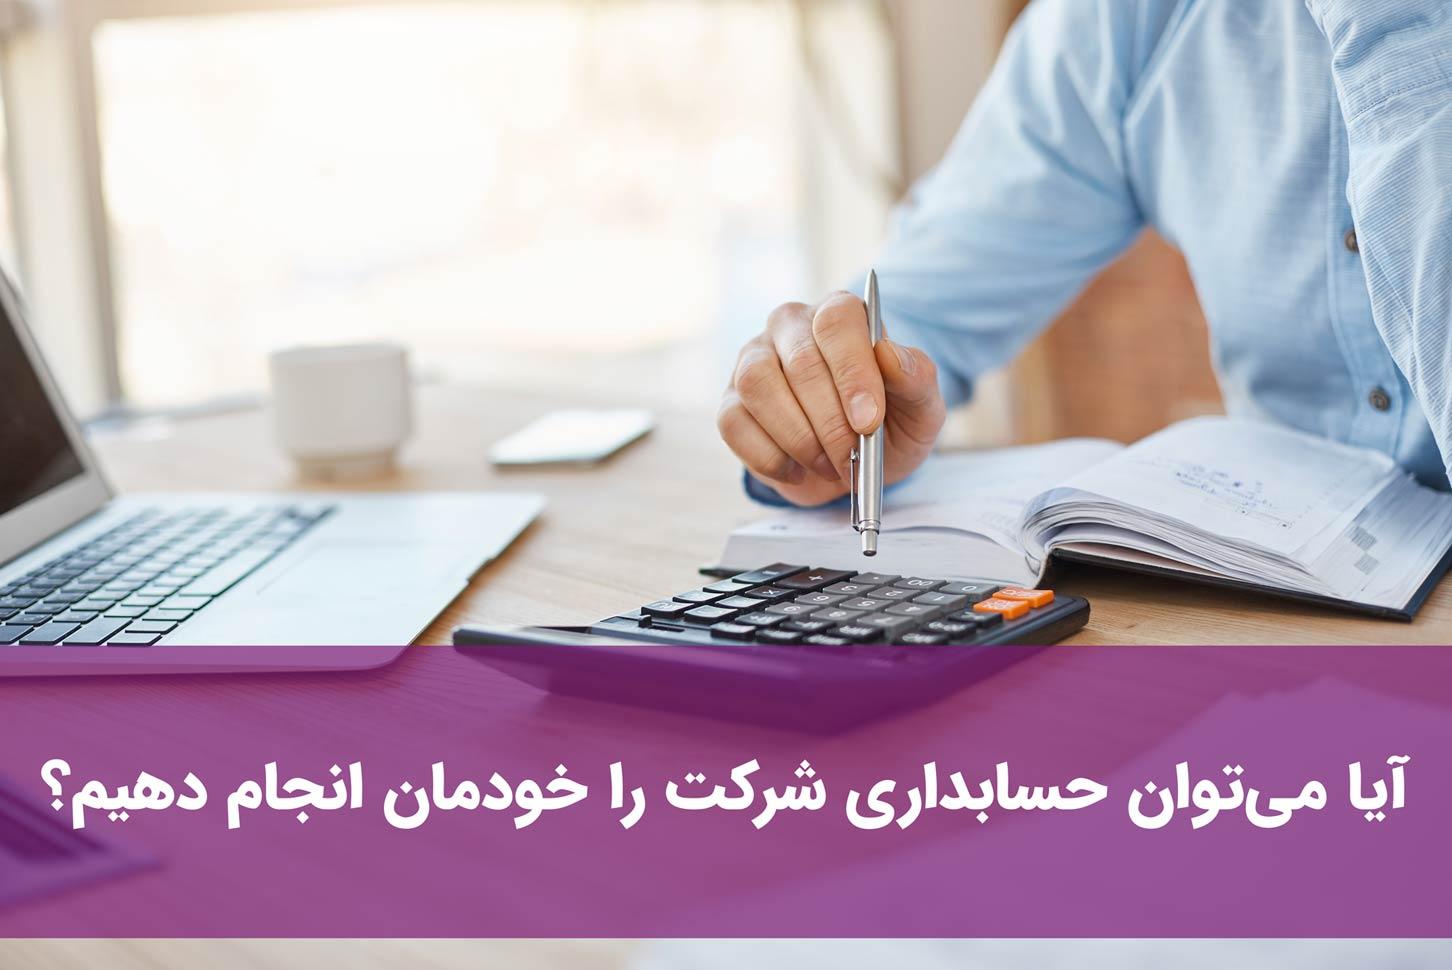 آیا می توان حسابداری شرکت خودمان را انجام دهیم؟